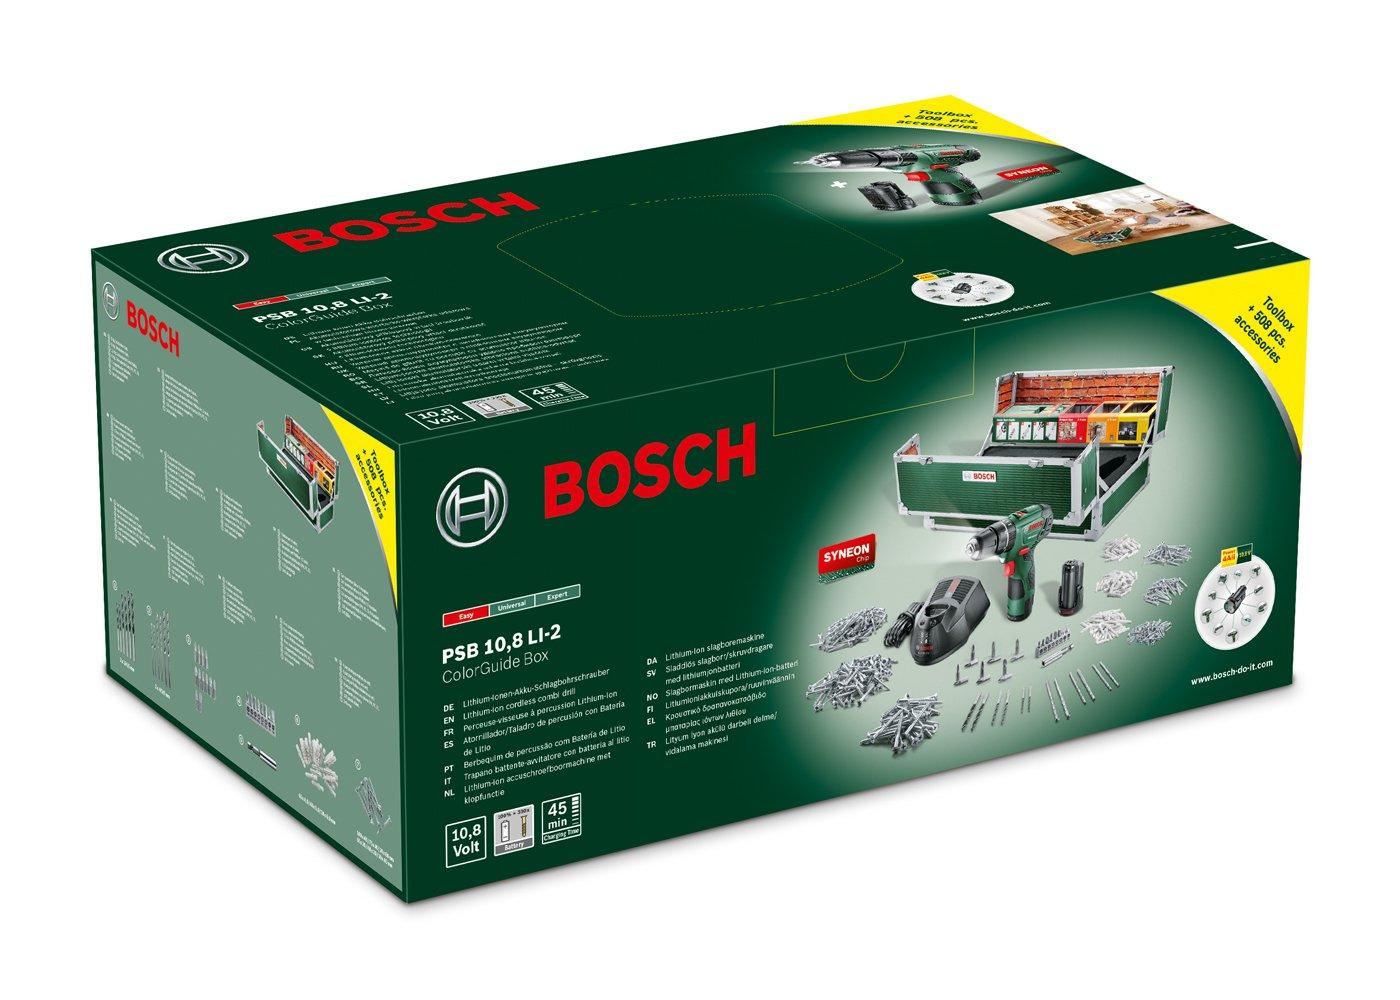 Bosch-Akku-Schlagbohrschrauber-PSB-108-LI-2-Toolbox-Set-2-Akku-508-Zubehrteile-108-V-im-Koffer